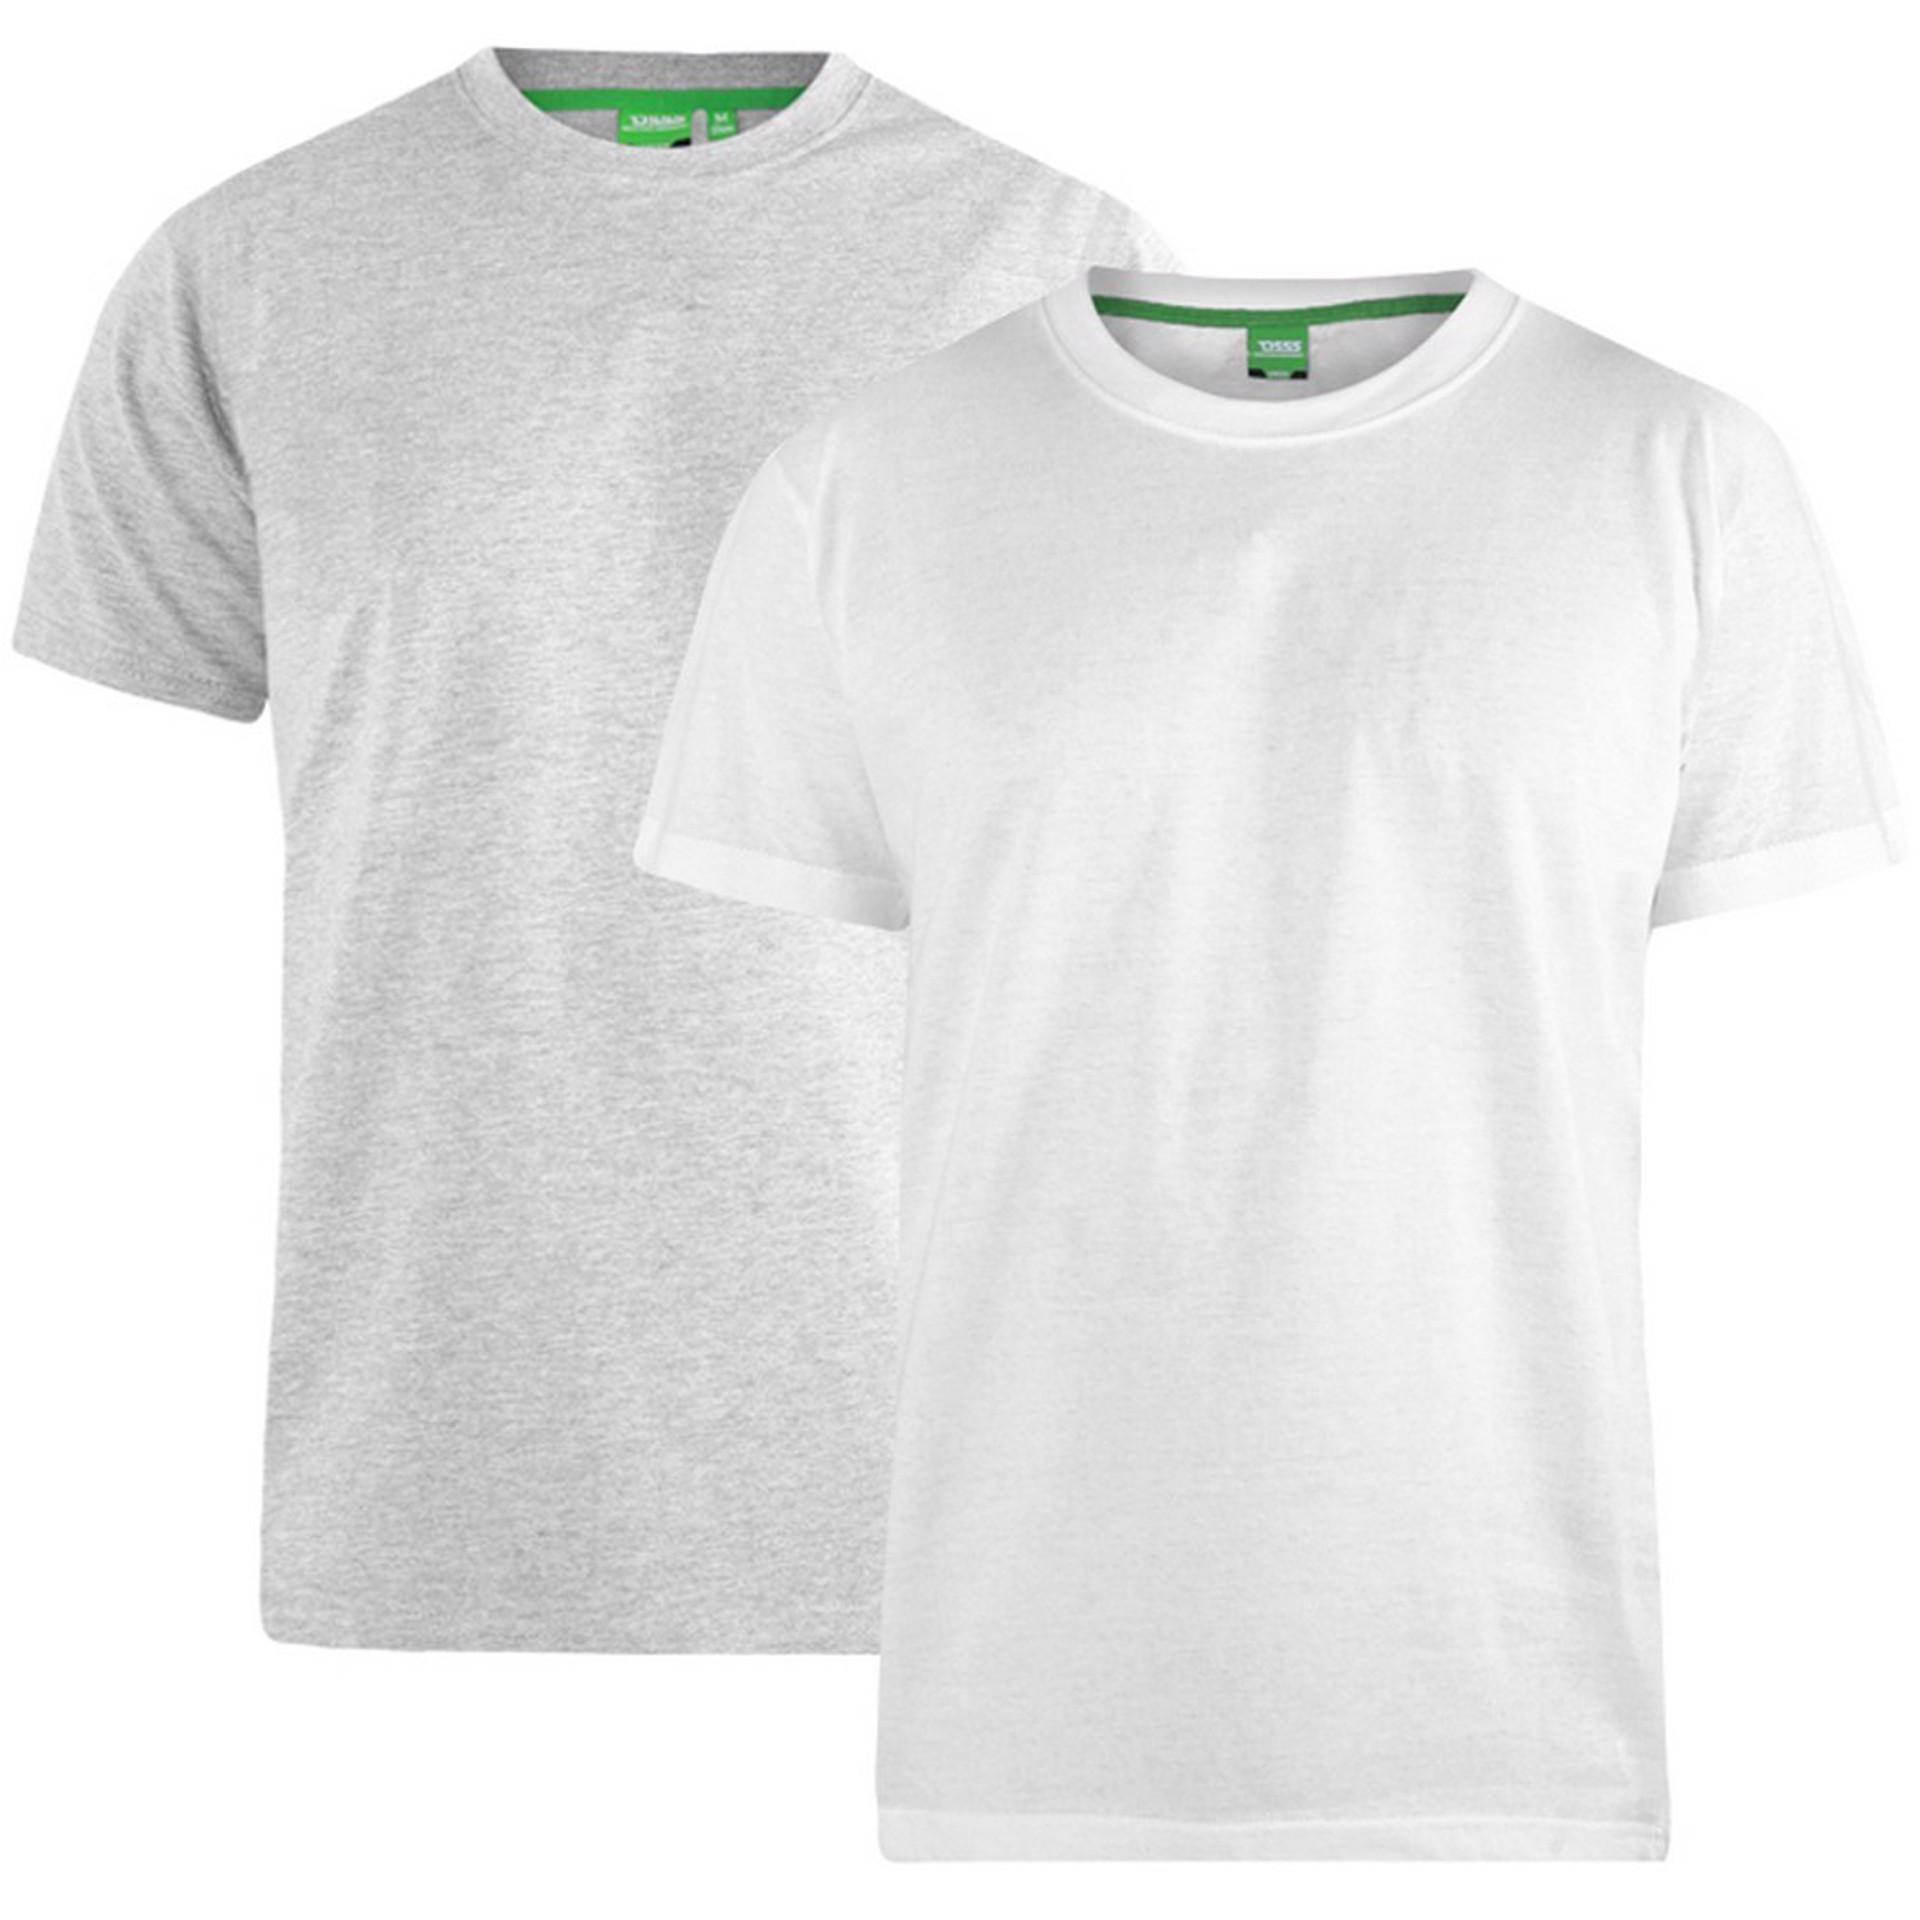 """2-pack T-shirts """"Fenton"""" van merk D555 in de kleuren wit en grijs, gemaakt van 100% katoen."""